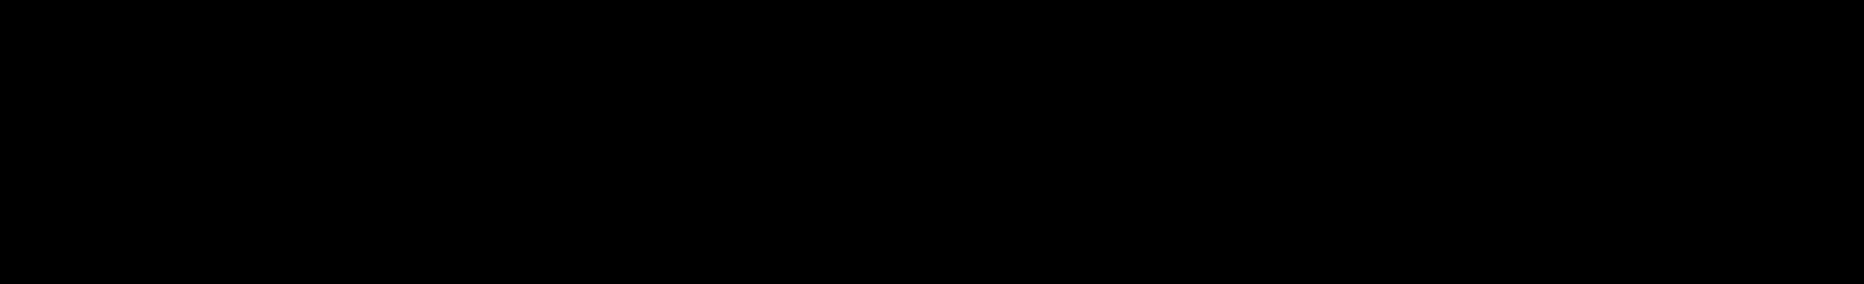 logo-exact-synergy